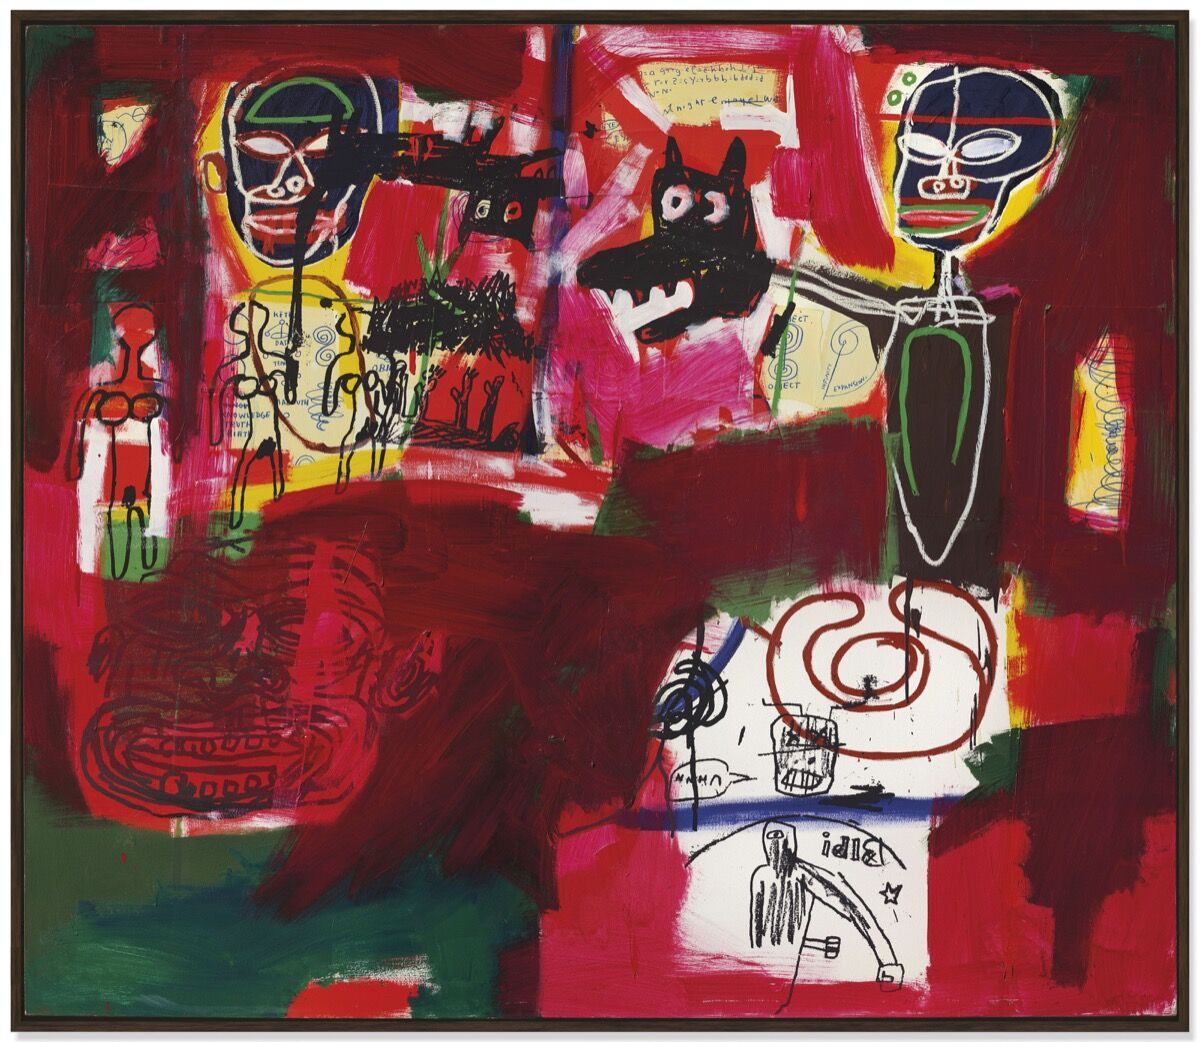 Jean-Michel Basquiat, Sabado por la Noche (Saturday Night), 1984. Courtesy of Christie's.